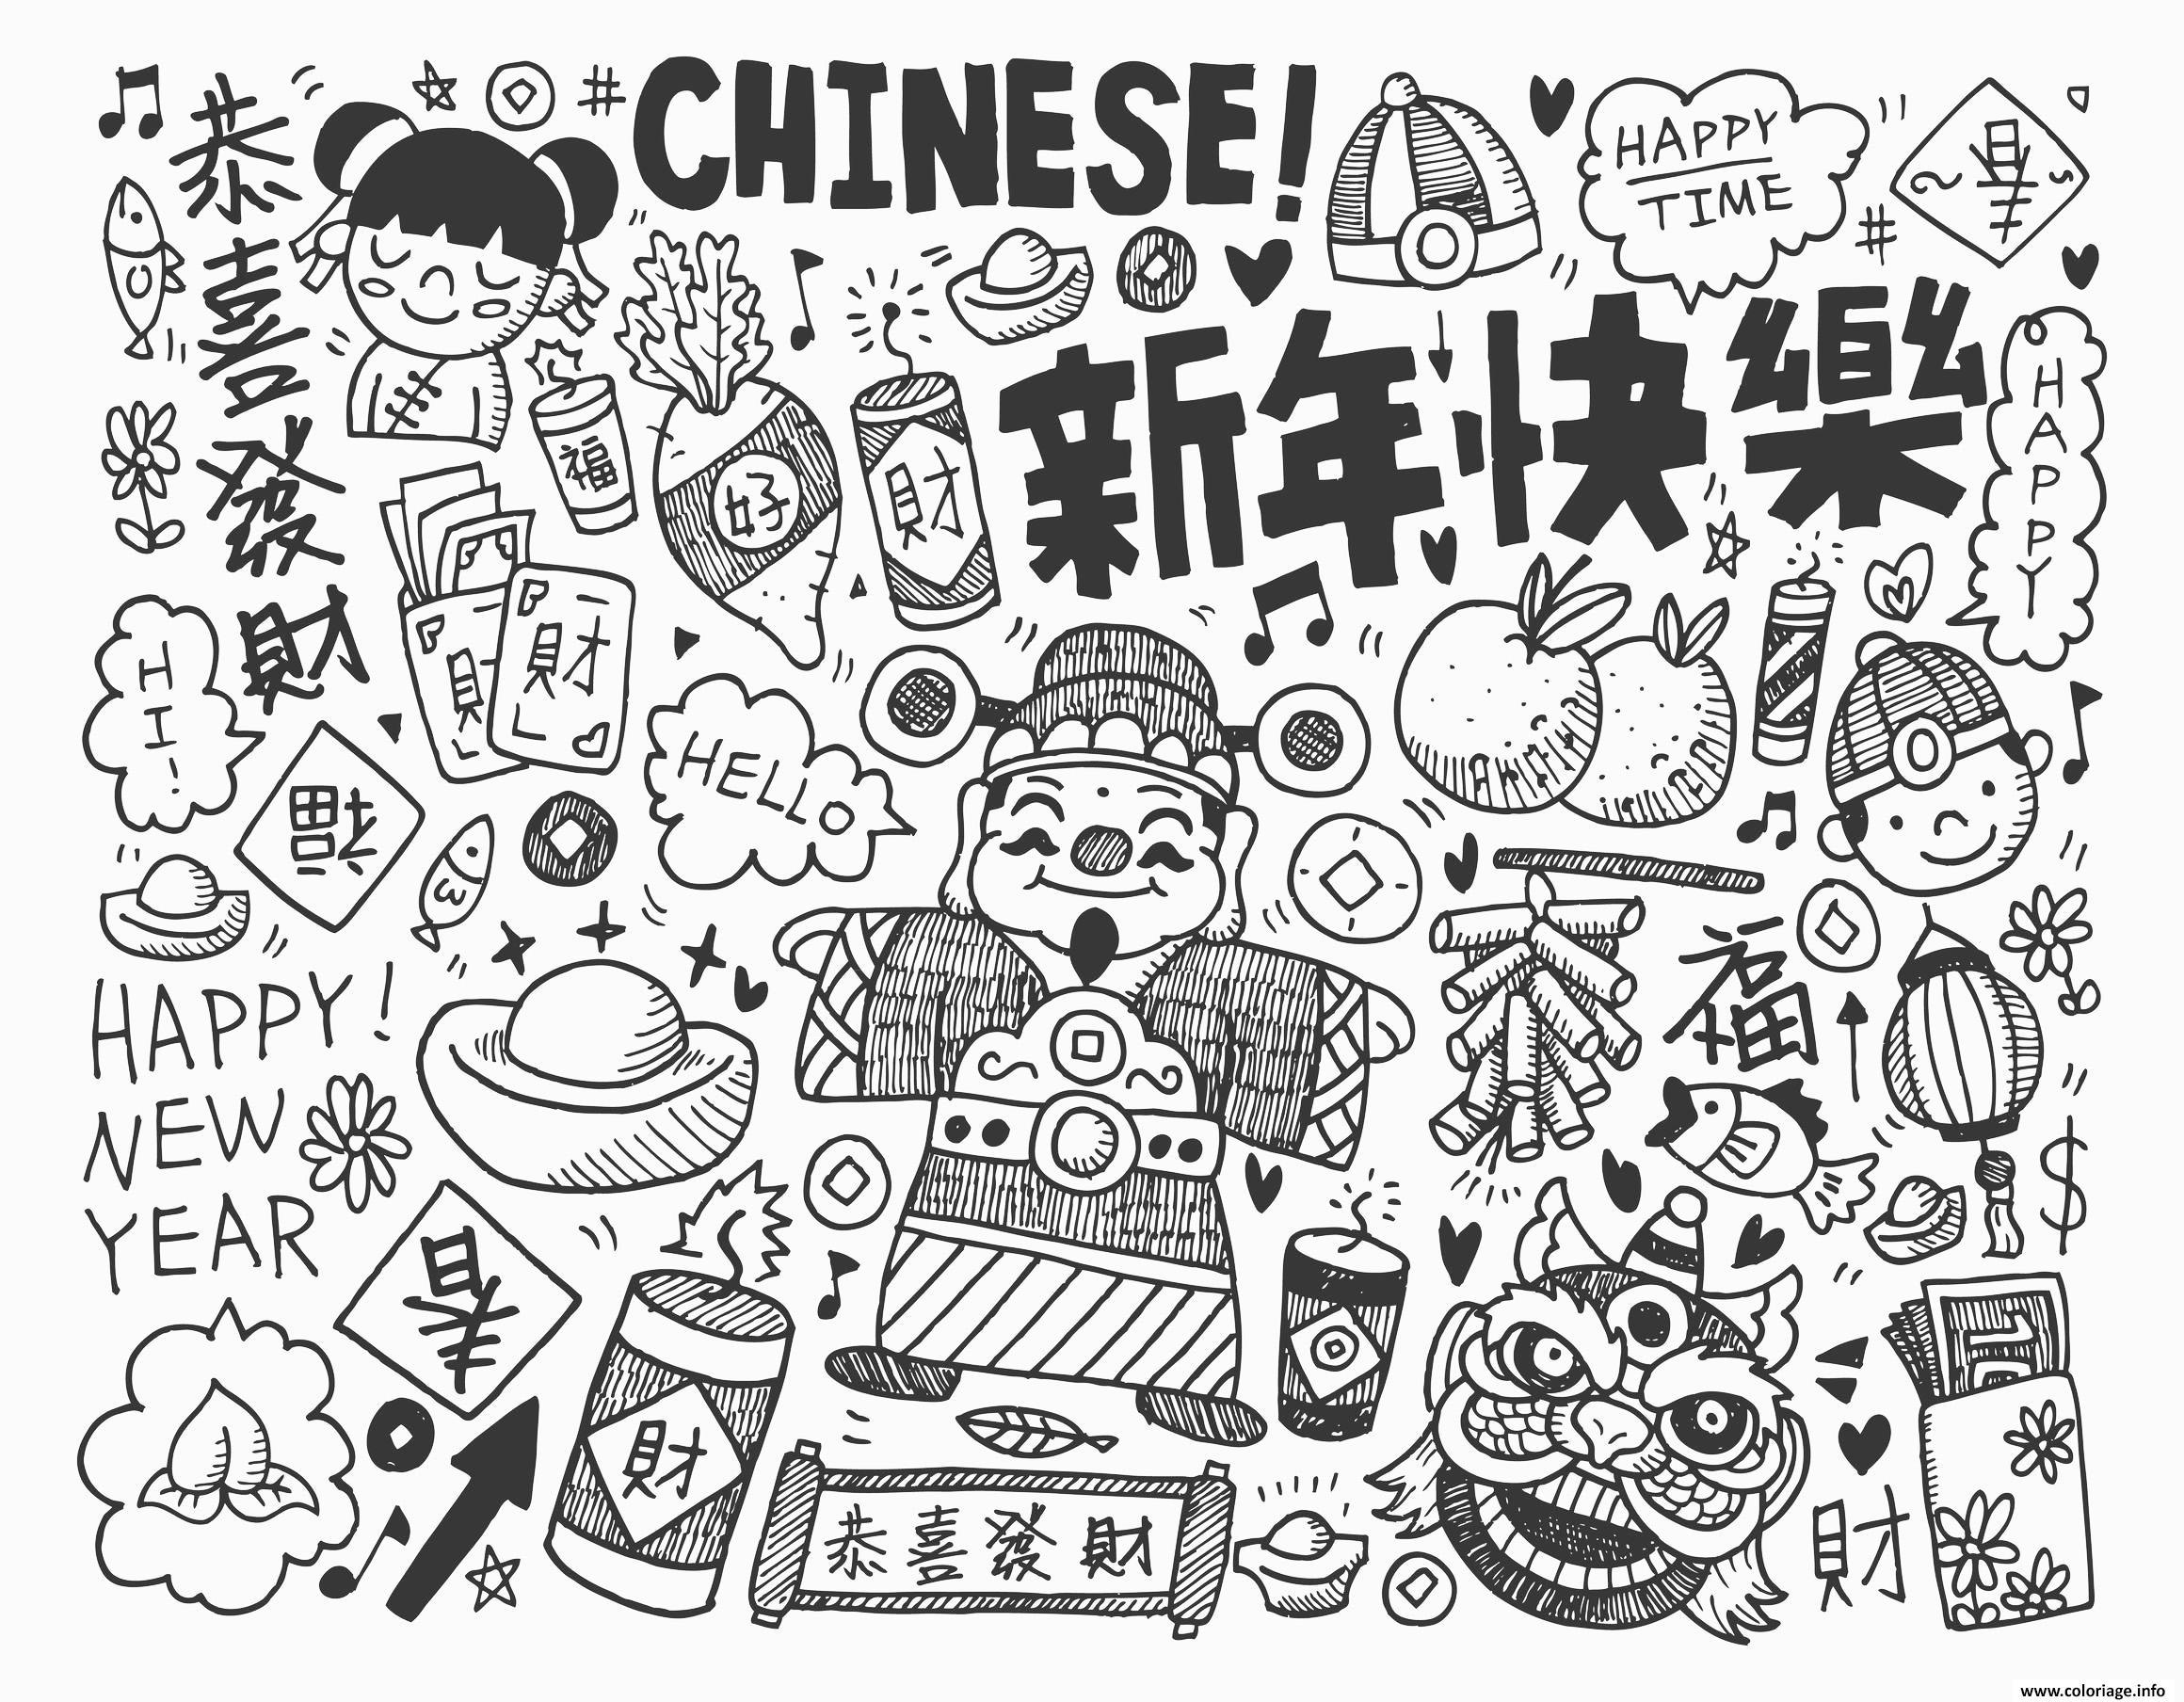 Dessin nouvel an chinois par notkoo2008 Coloriage Gratuit à Imprimer